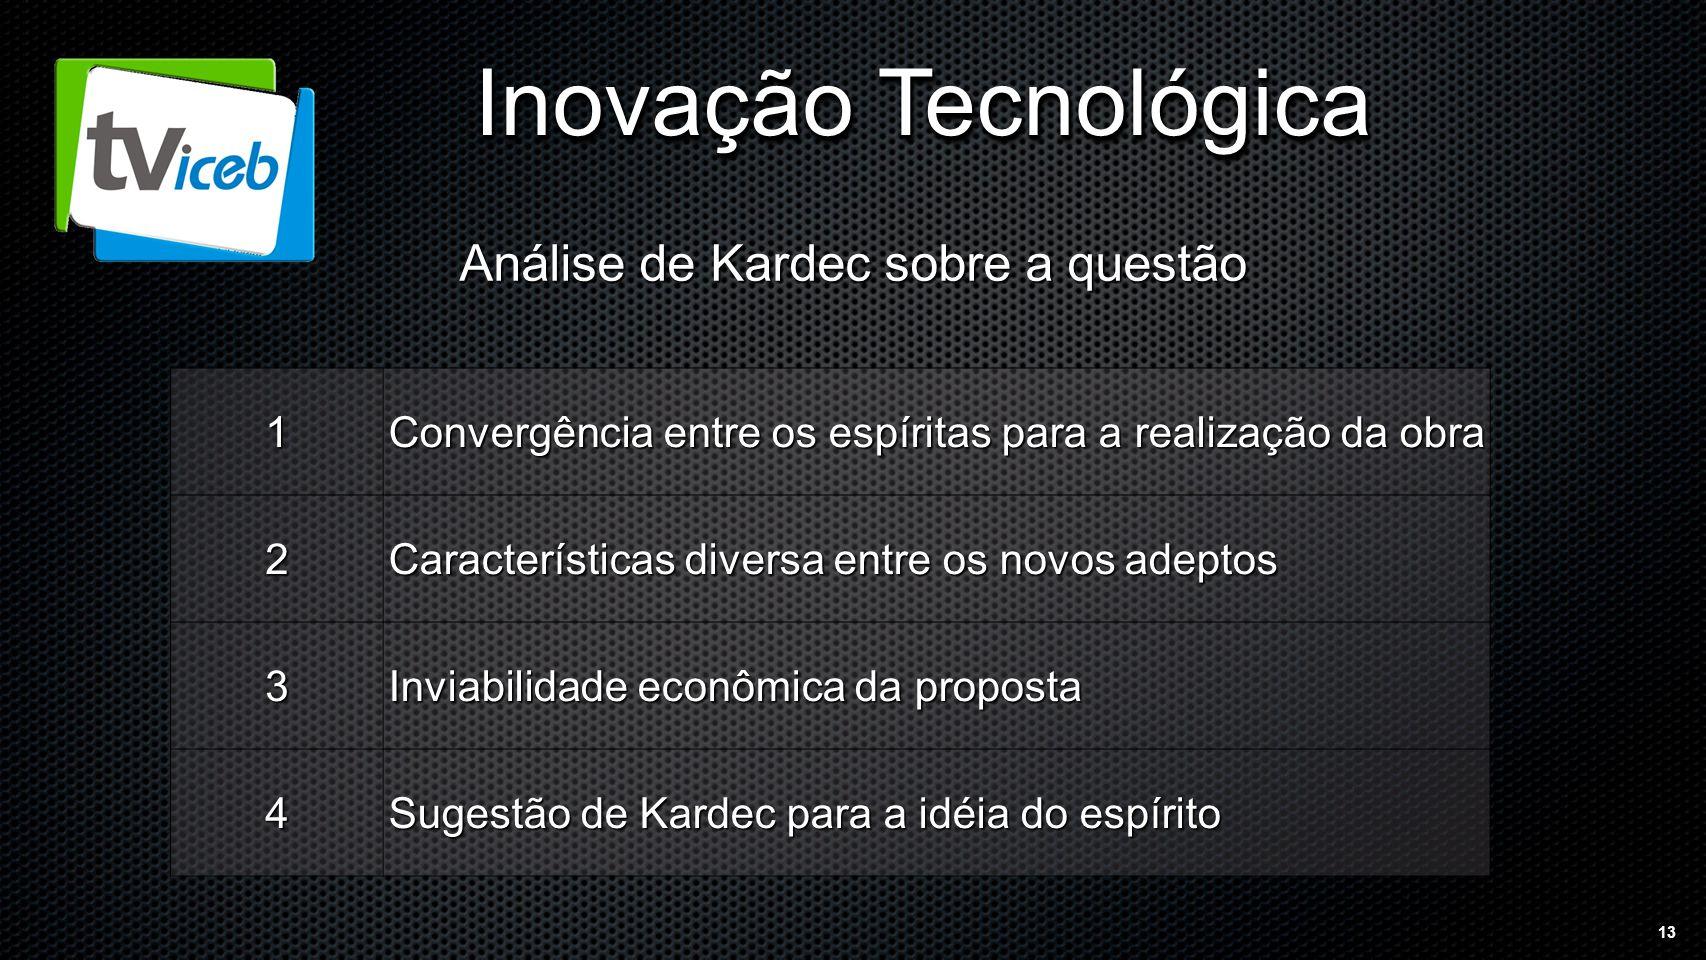 13 Inovação Tecnológica 1 Convergência entre os espíritas para a realização da obra 2 Características diversa entre os novos adeptos 3 Inviabilidade econômica da proposta 4 Sugestão de Kardec para a idéia do espírito Análise de Kardec sobre a questão